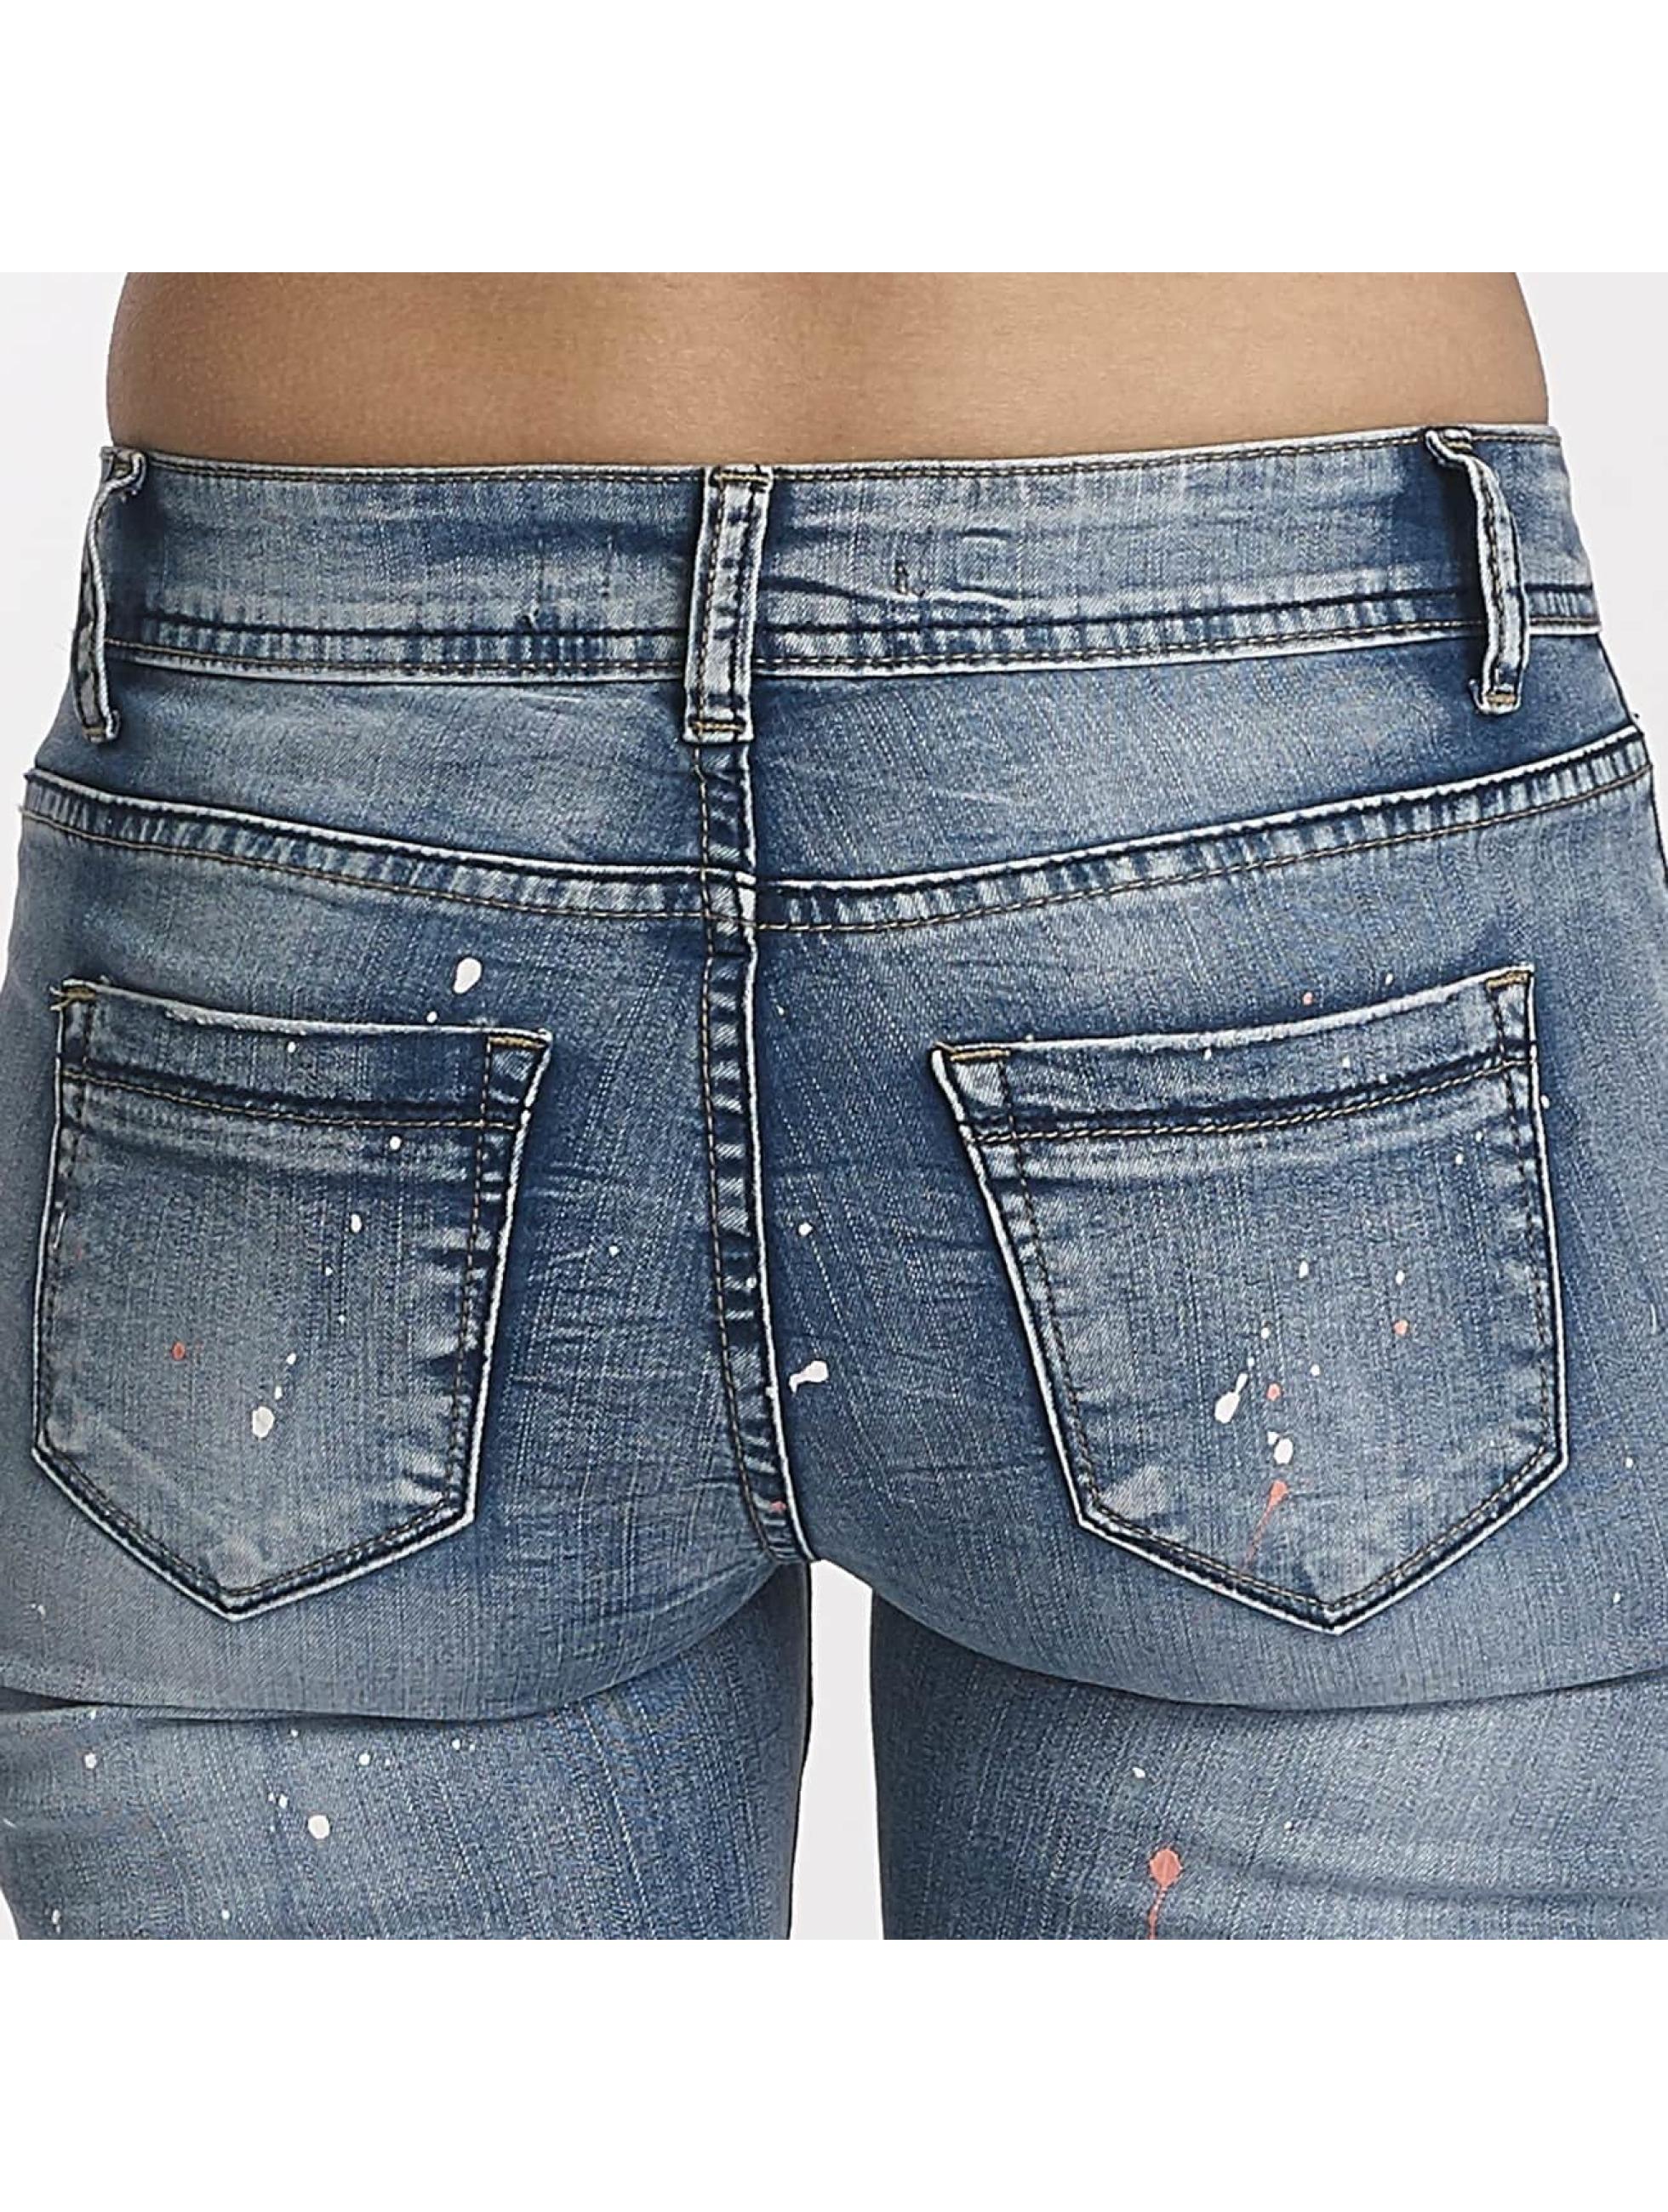 Hailys Облегающие джинсы Splashy синий